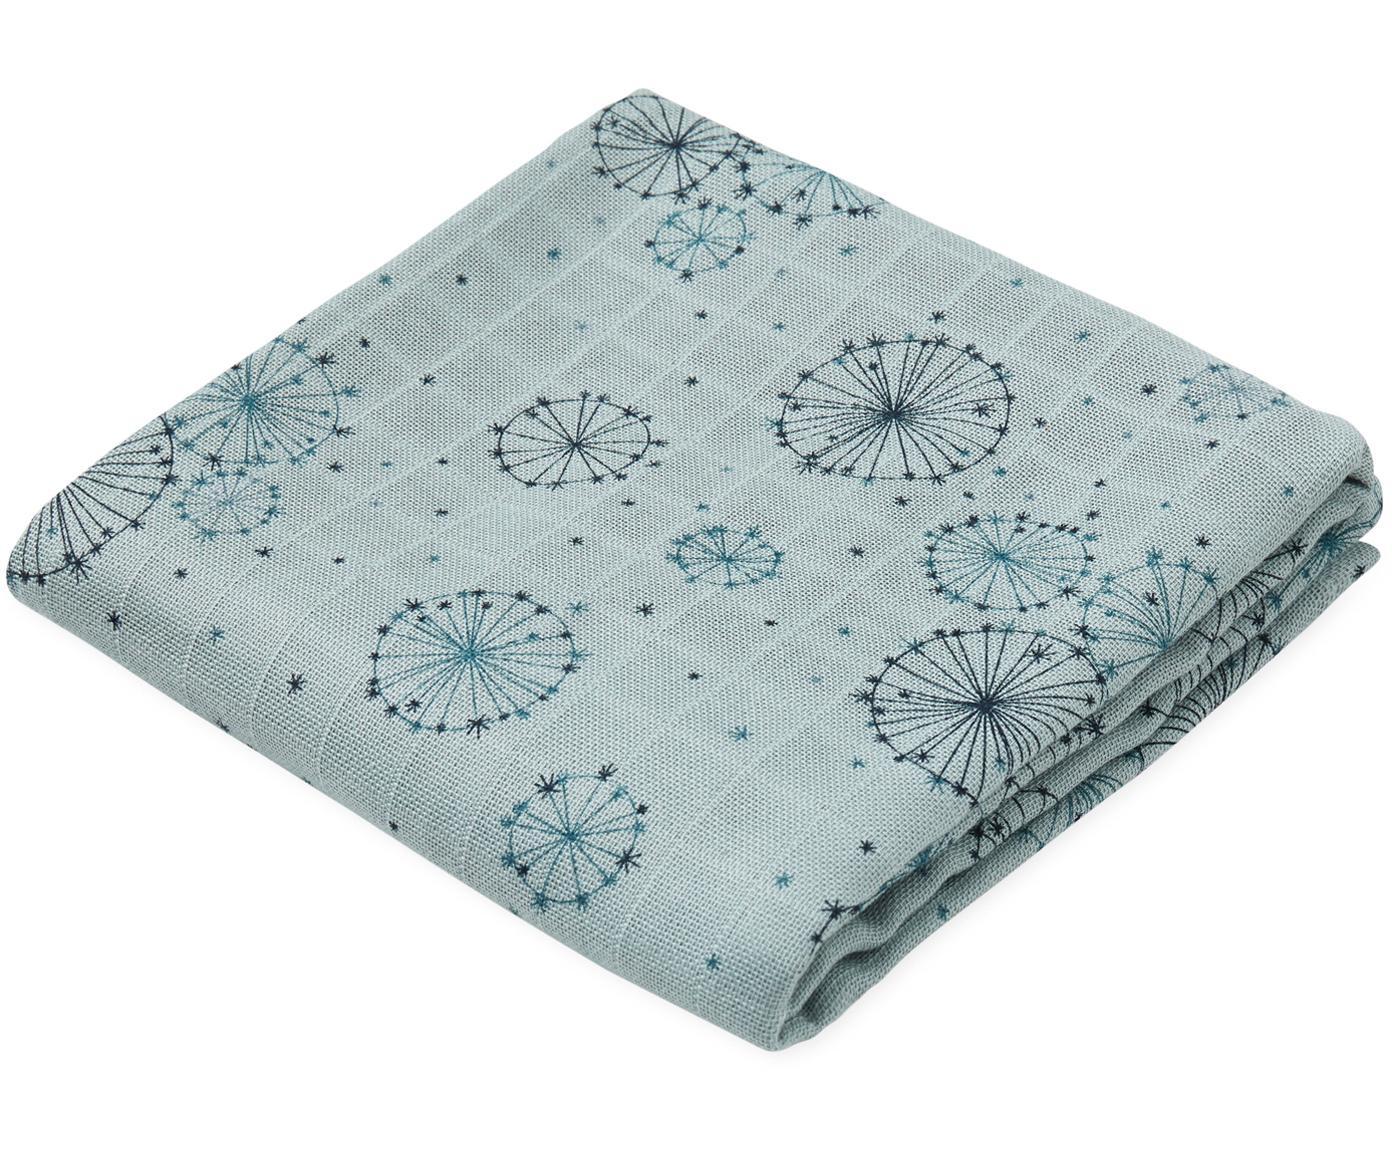 Pieluszka tetrowa z bawełny organicznej Dandelion, 2 szt., Bawełna organiczna, certyfikat GOTS, Niebieski, S 70 x D 70 cm